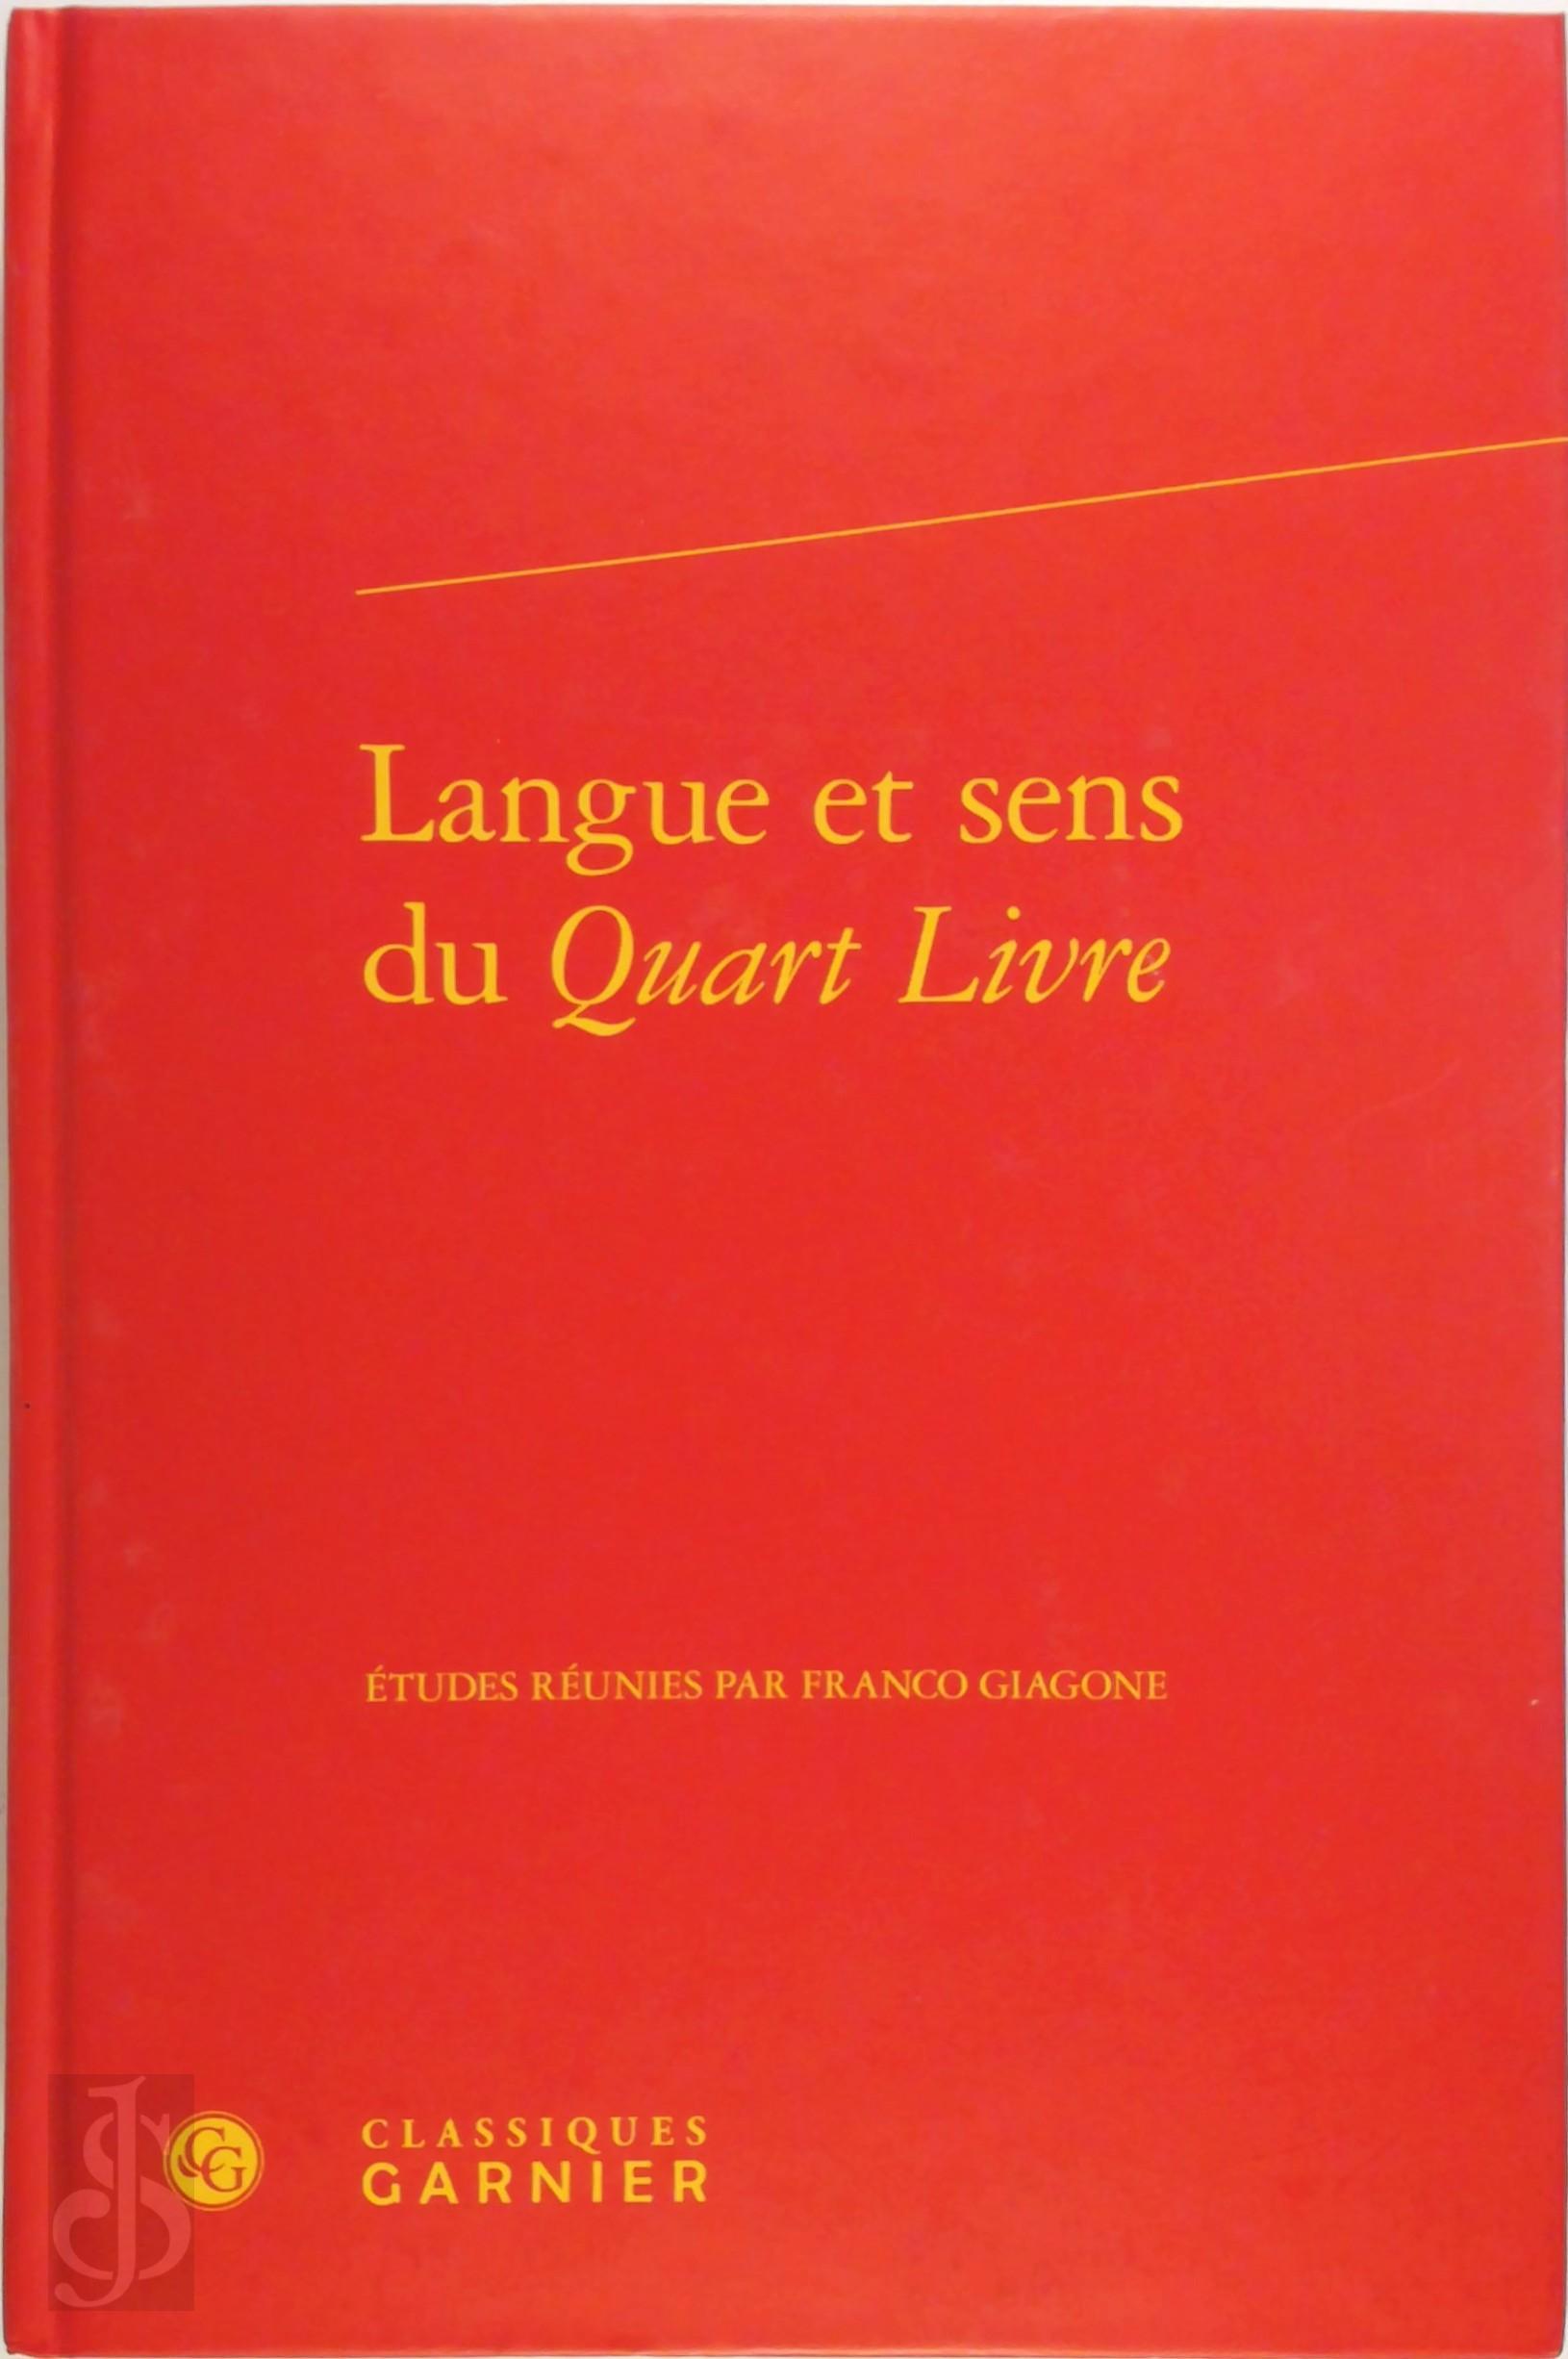 Langue et sens du Quart Liv...